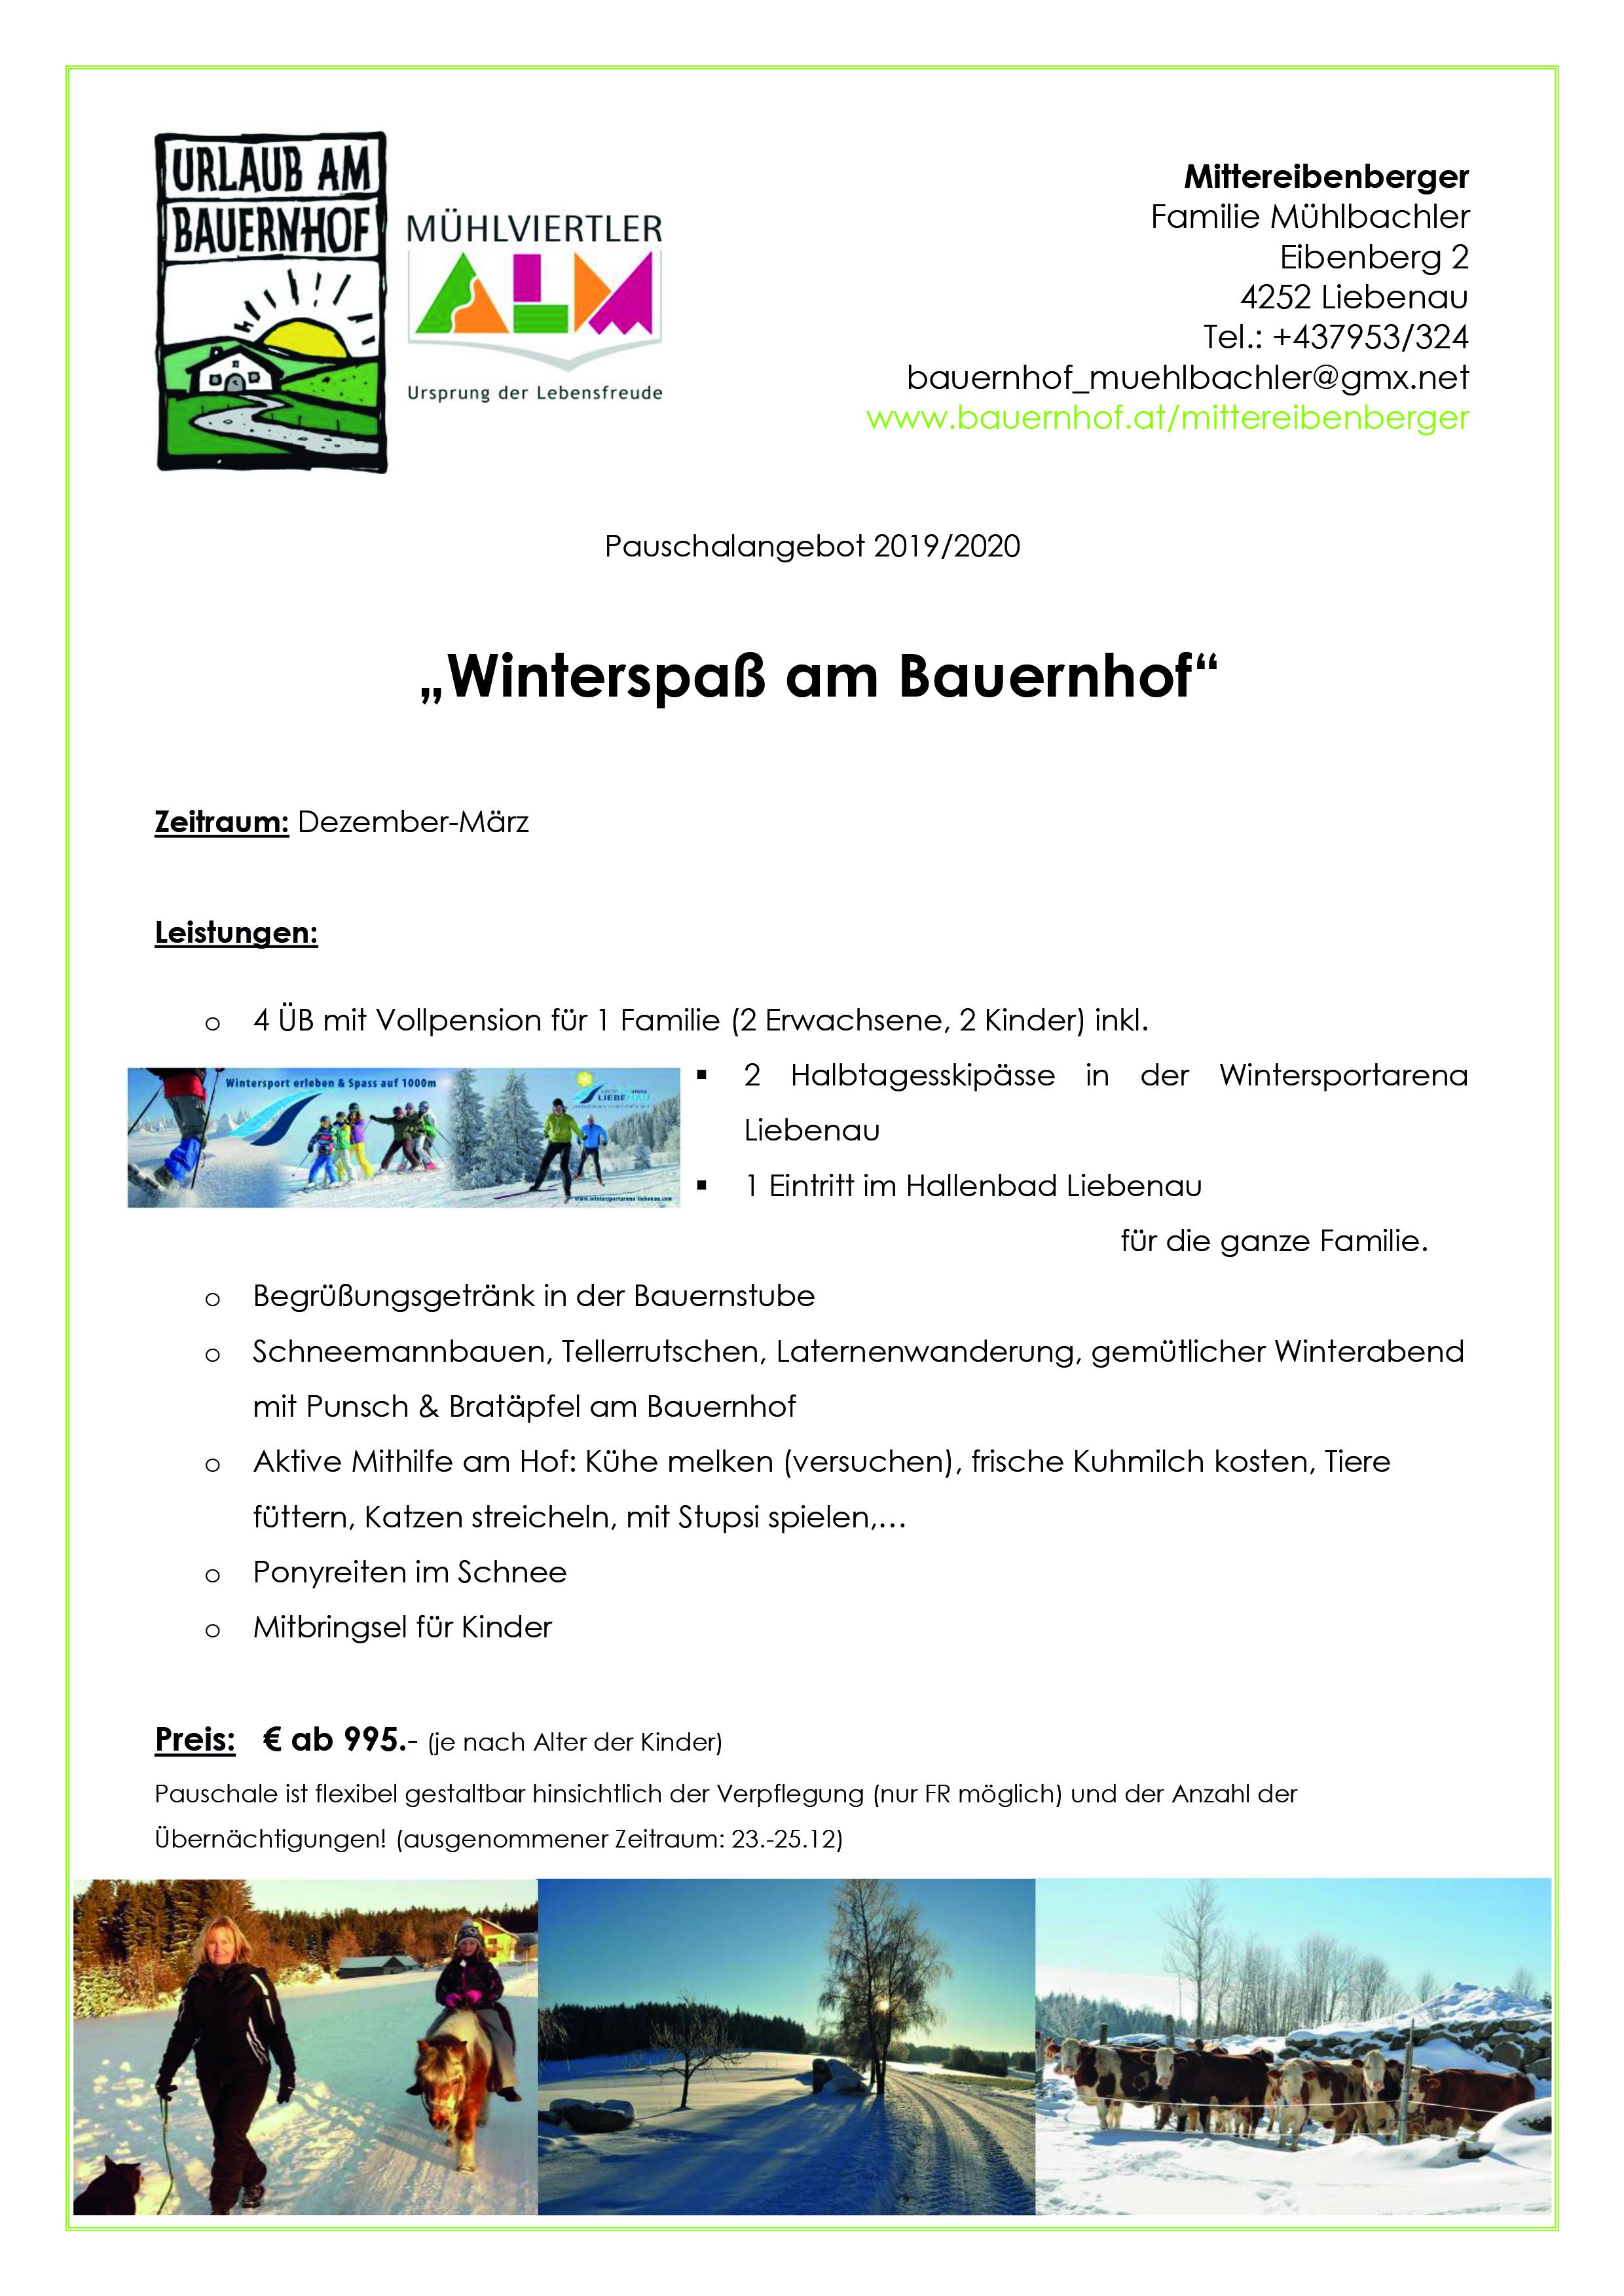 Pauschale Winterspa am Bauernhof 2019 2020